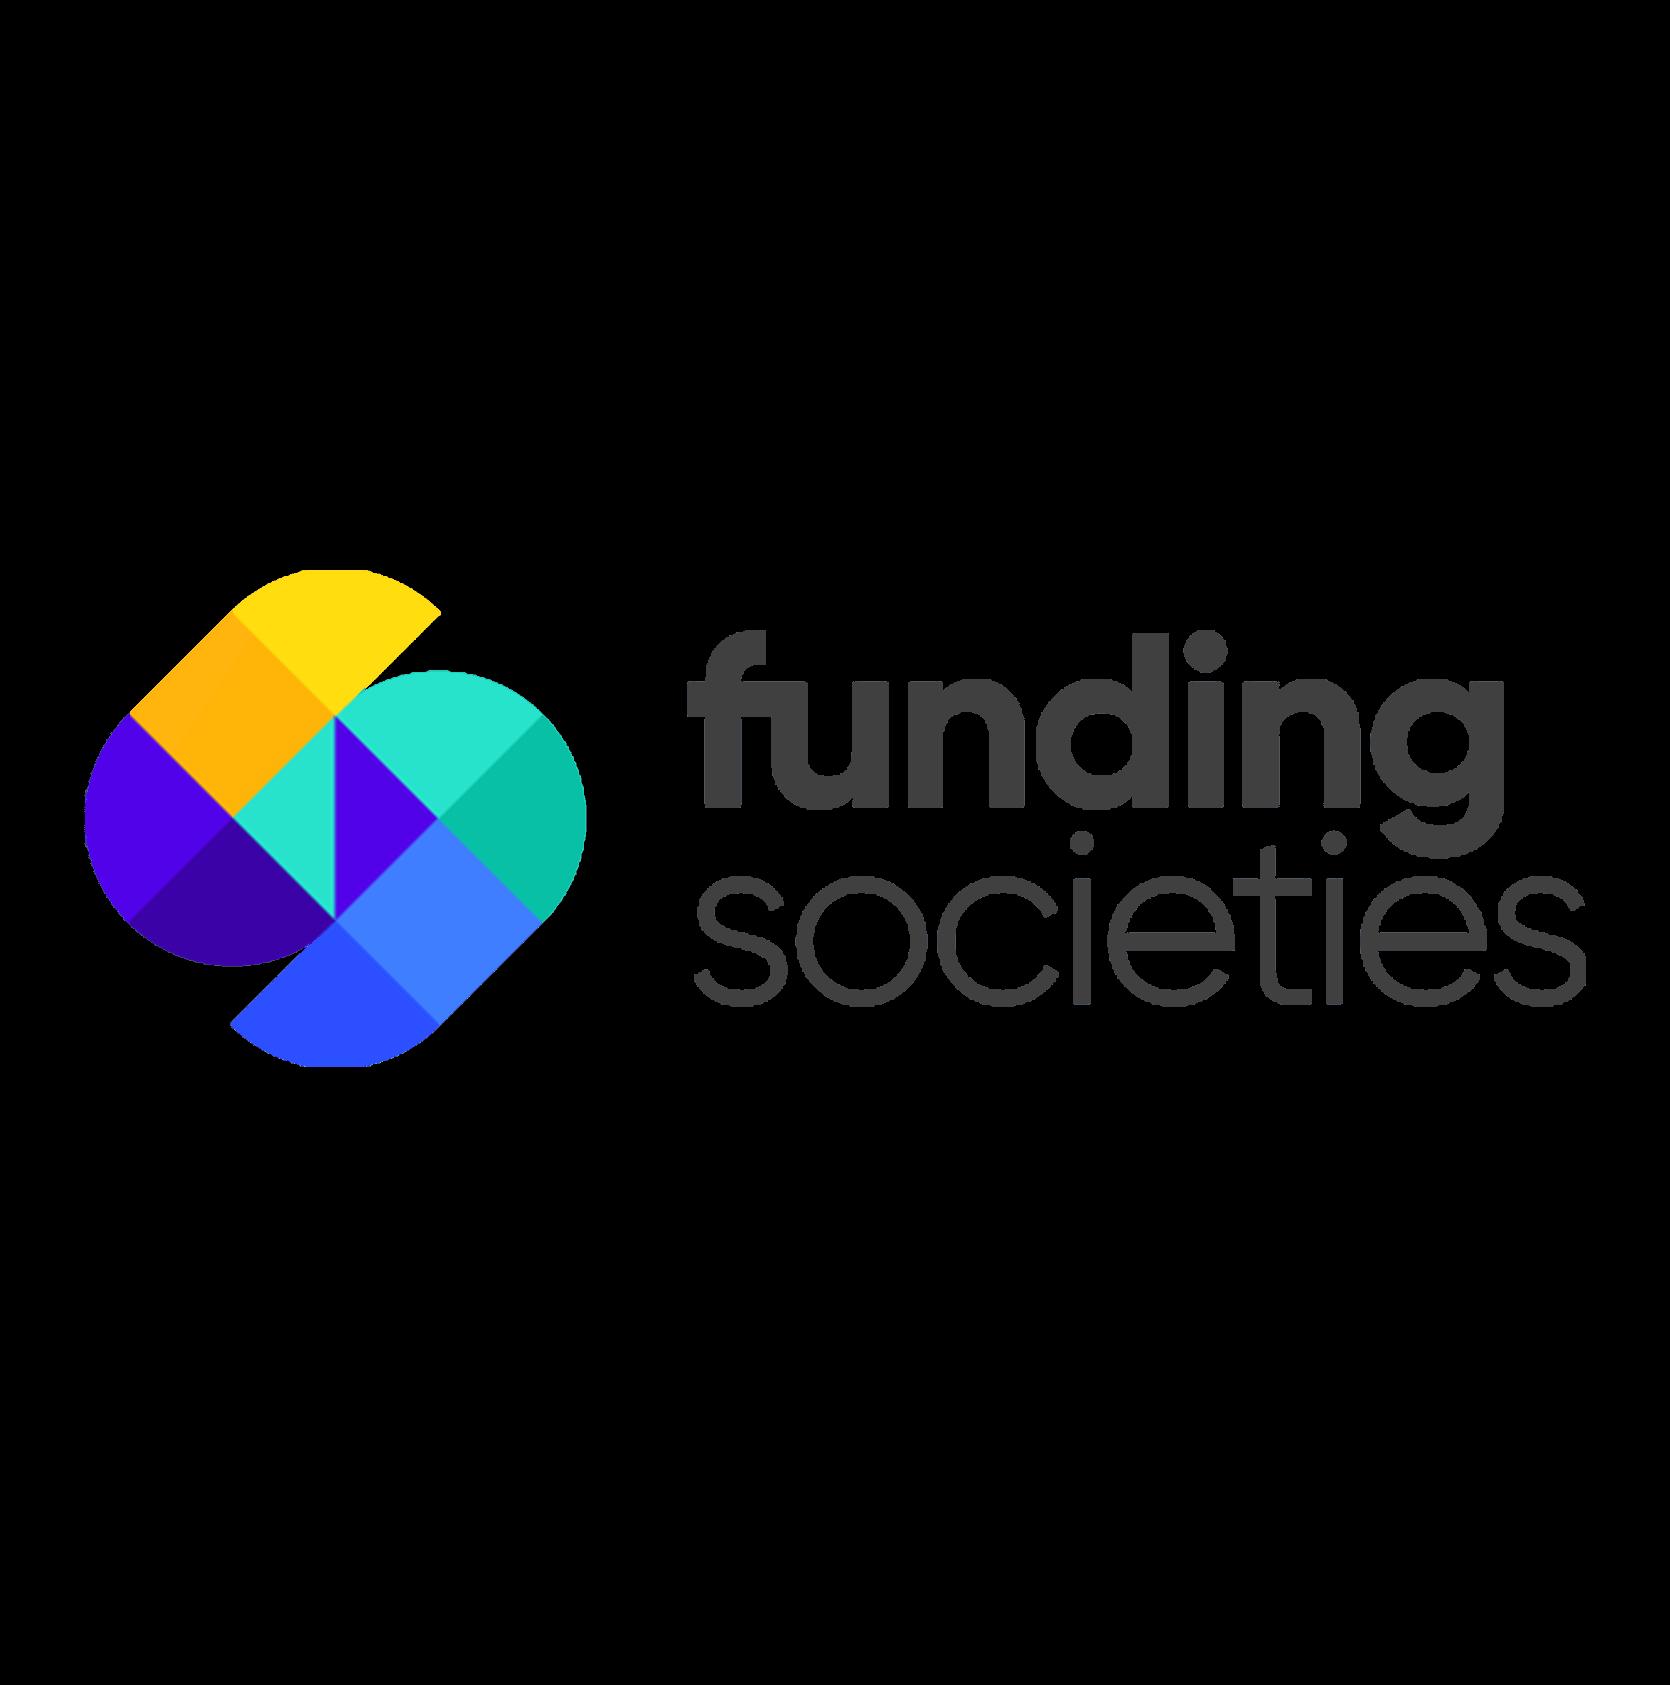 Funding Societies Singapore